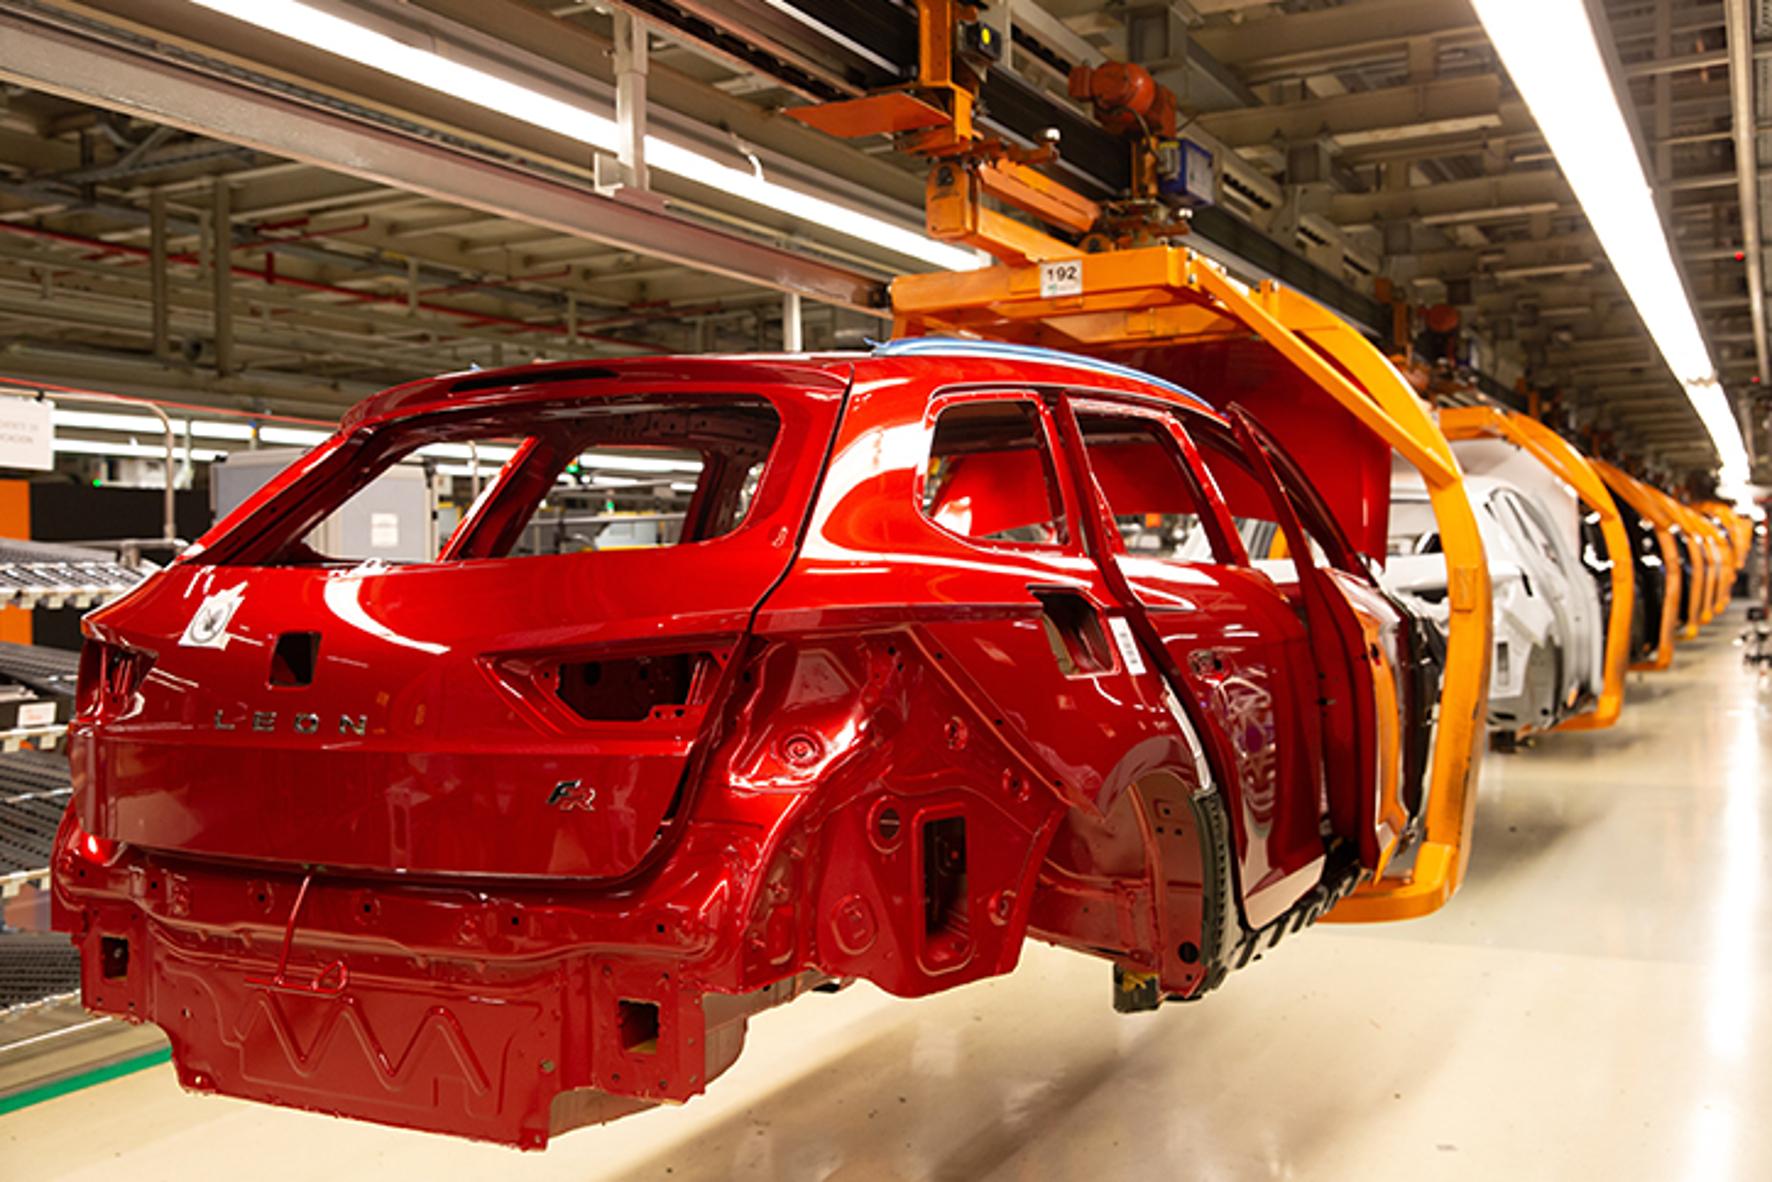 mid Groß-Gerau - Die Produktion eines Autos erfordert eine präzise Koordination, damit alle Teile genau zum richtigen Zeitpunkt eintreffen. Seat